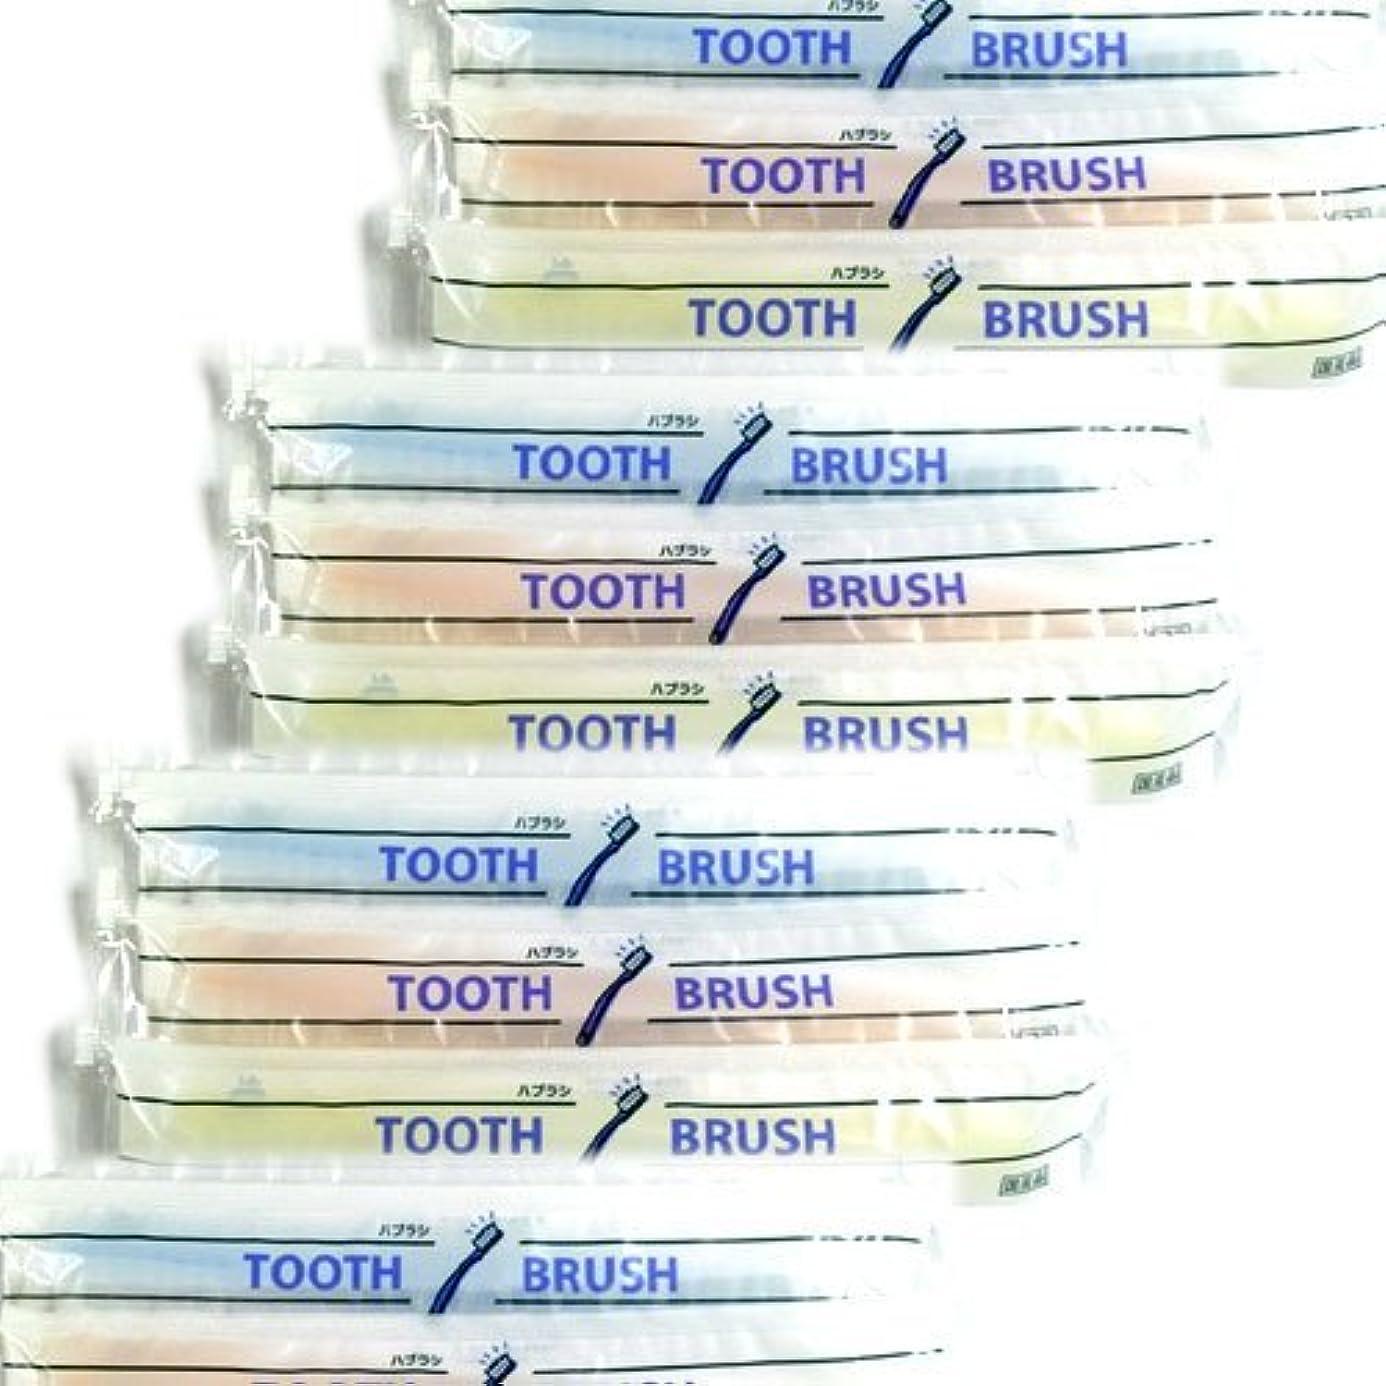 ミッション恐ろしいです一杯ホテルアメニティ 業務用 使い捨て(インスタント) 粉付き歯ブラシ × 30個セット